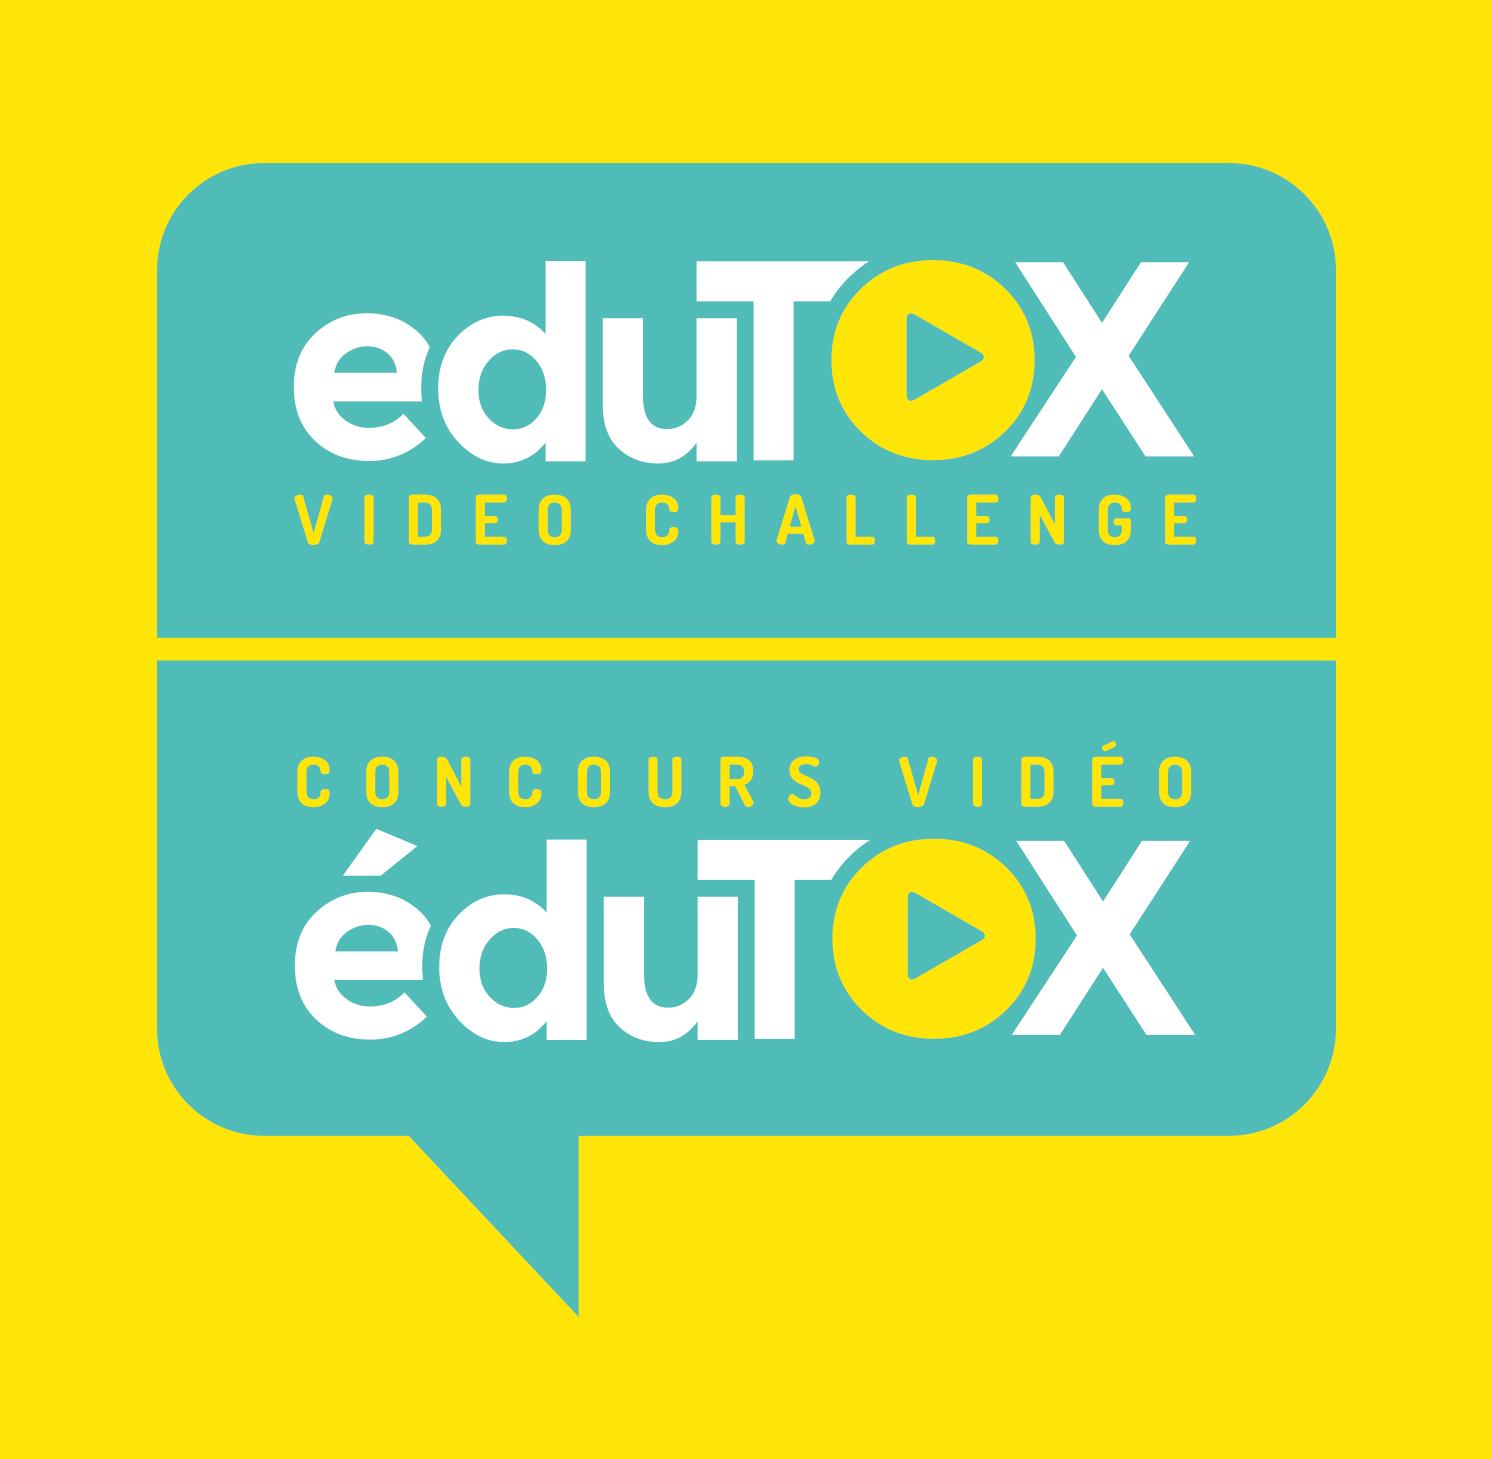 EduTOX_Full-Colour-02.jpg